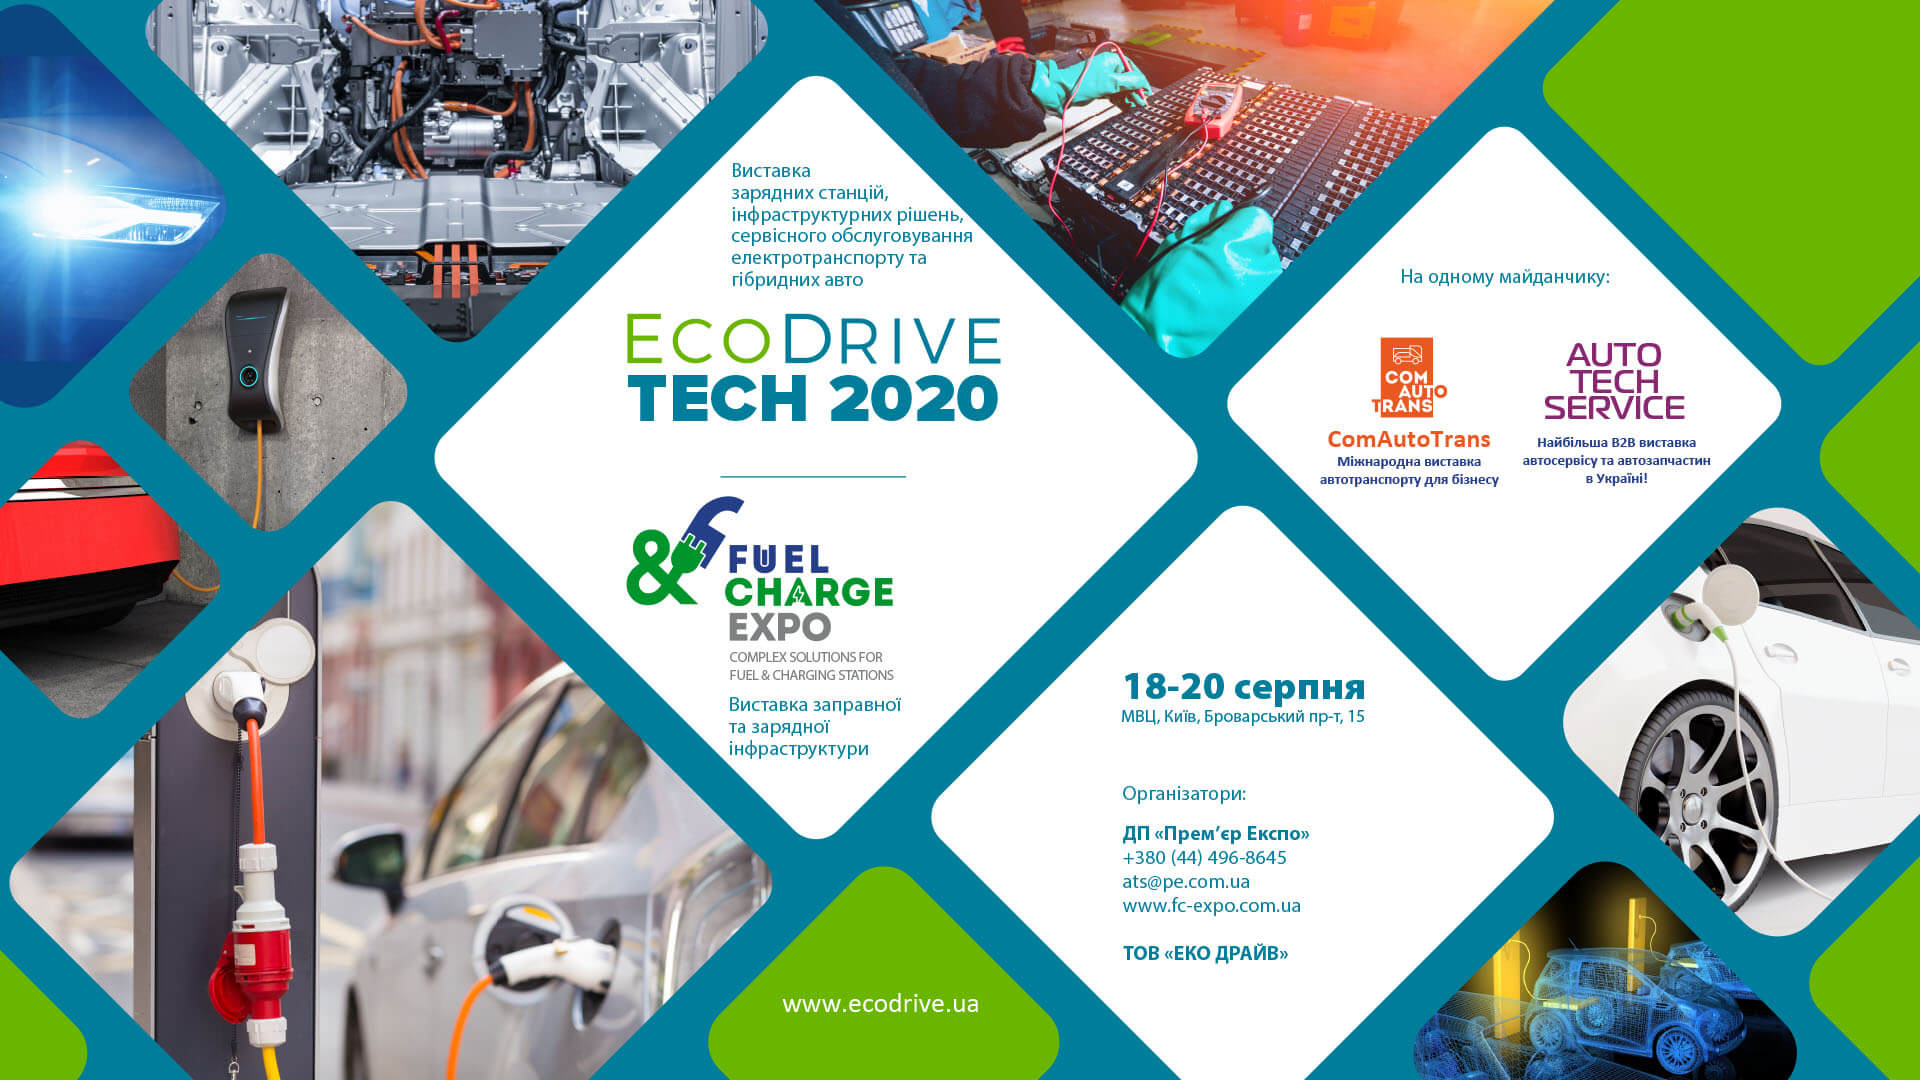 EcoDrive TECH 2020: конференция «Инфраструктура электротранспорта 2020: окна возможностей», 18 августа 2020 года, Киев, МВЦ